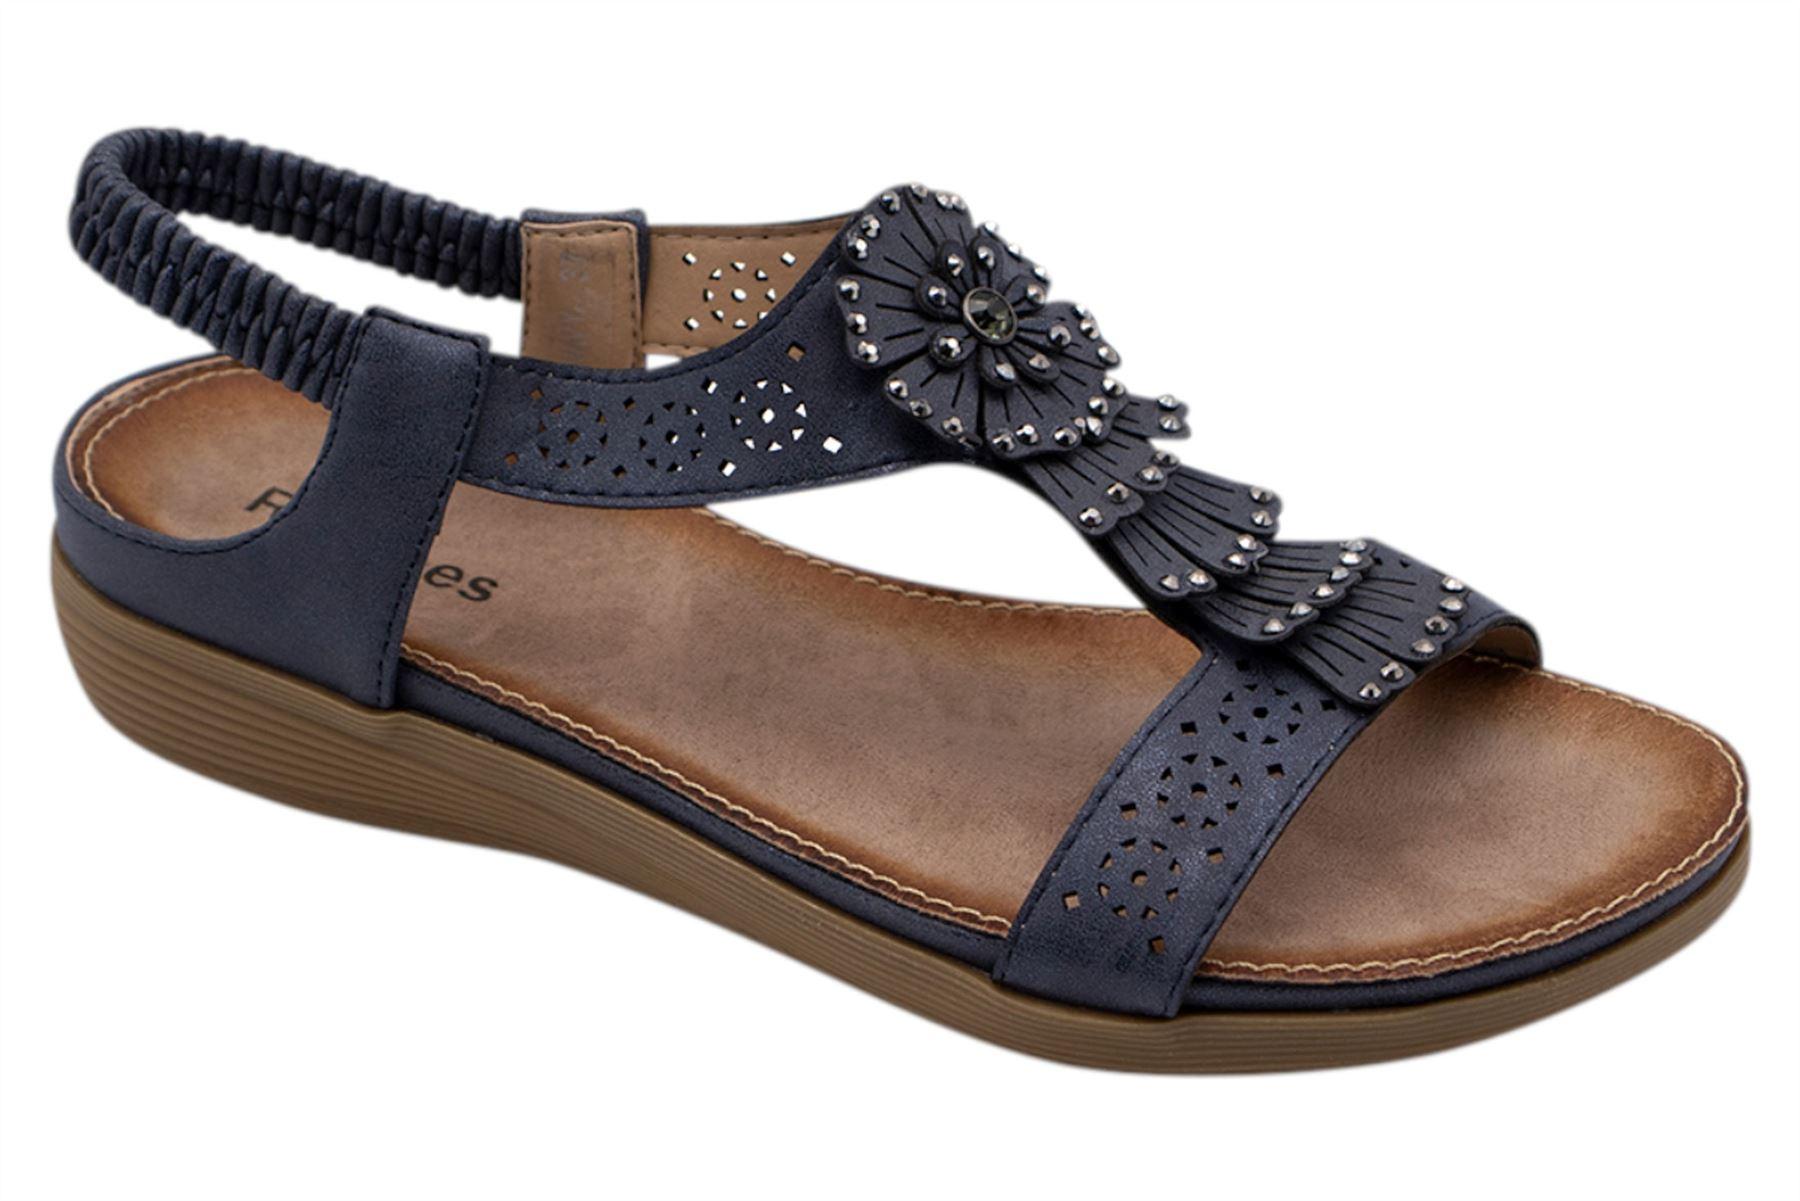 Ladies-Sandals-Womens-Shiny-Flat-Flip-Flop-Beach-Sliders miniatura 28